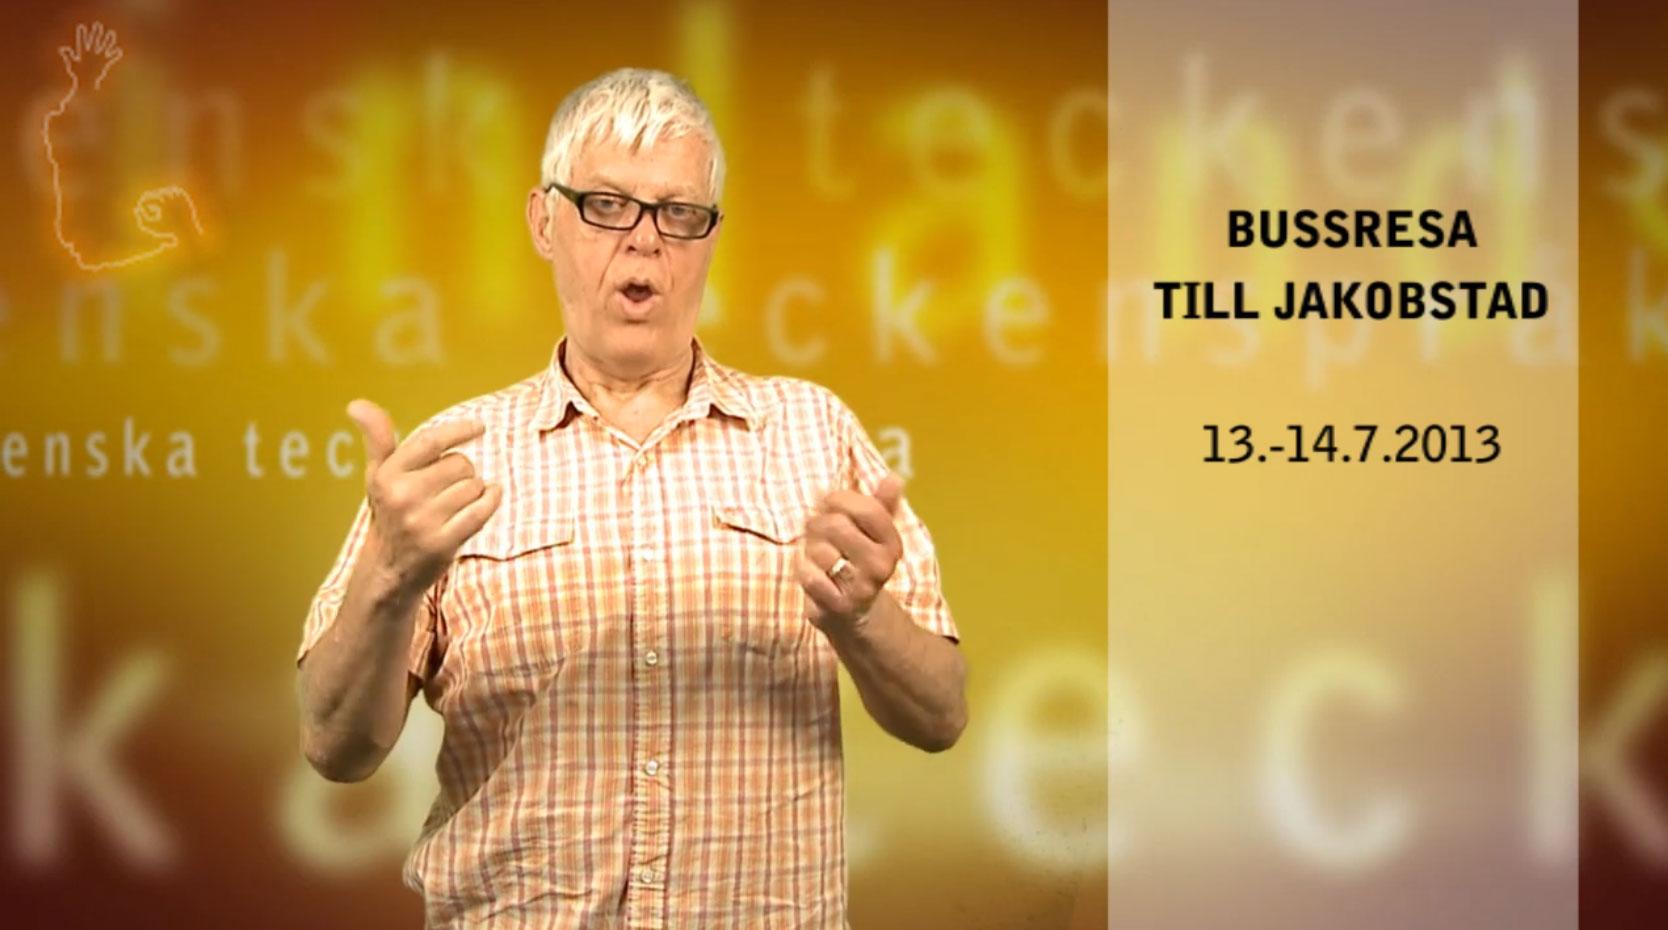 Bussresa till Jakobstad | 13.-14.7.2013